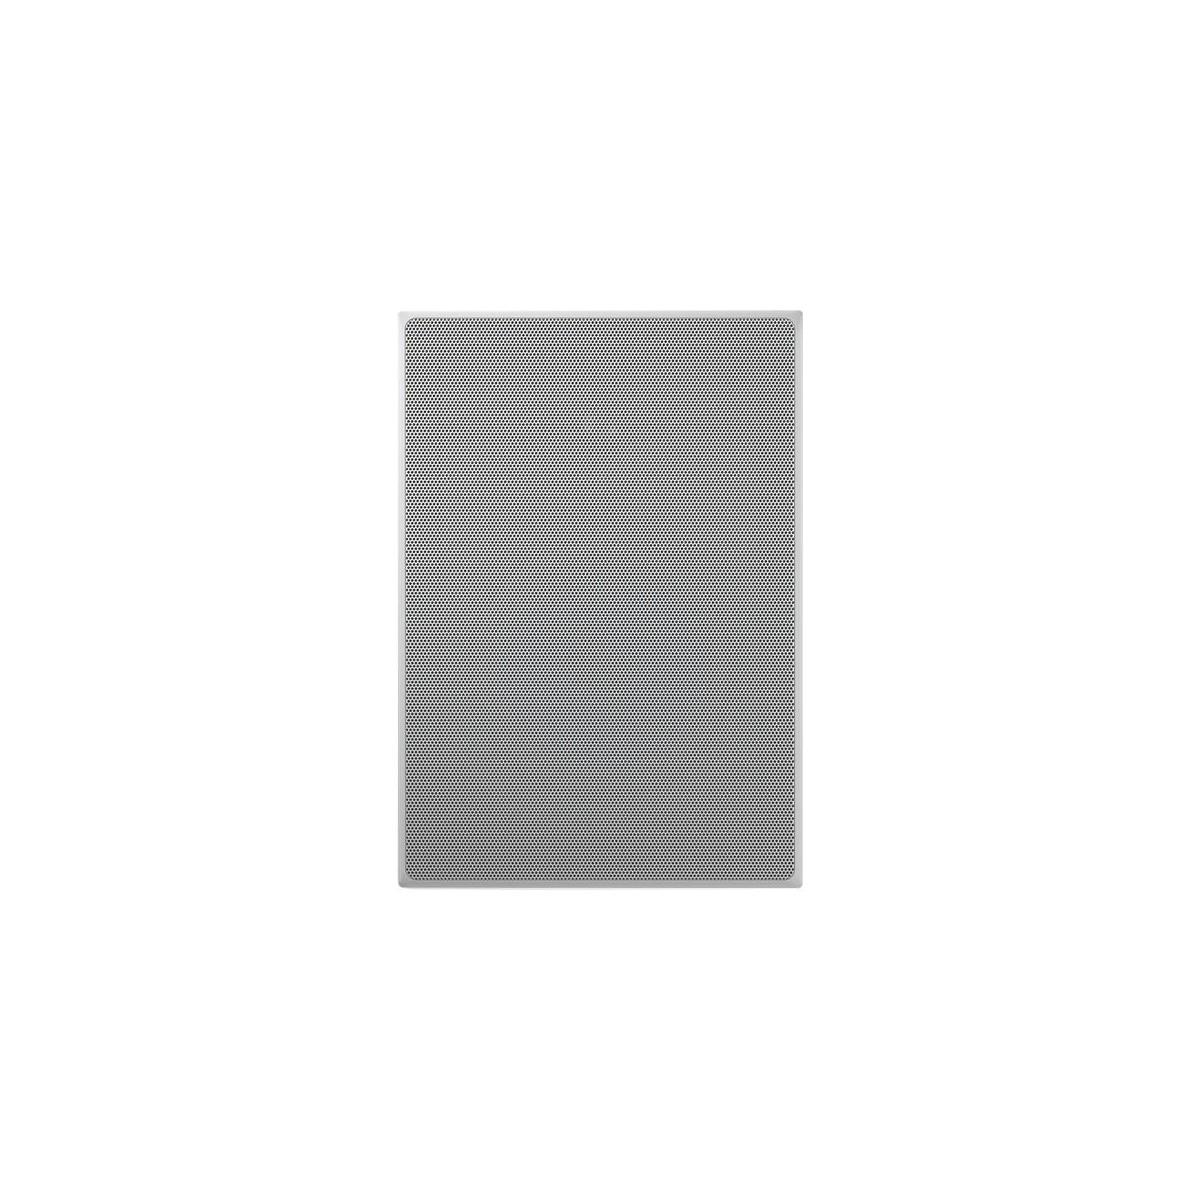 Einbaulautsprecher CWM652 (Paarpreis)